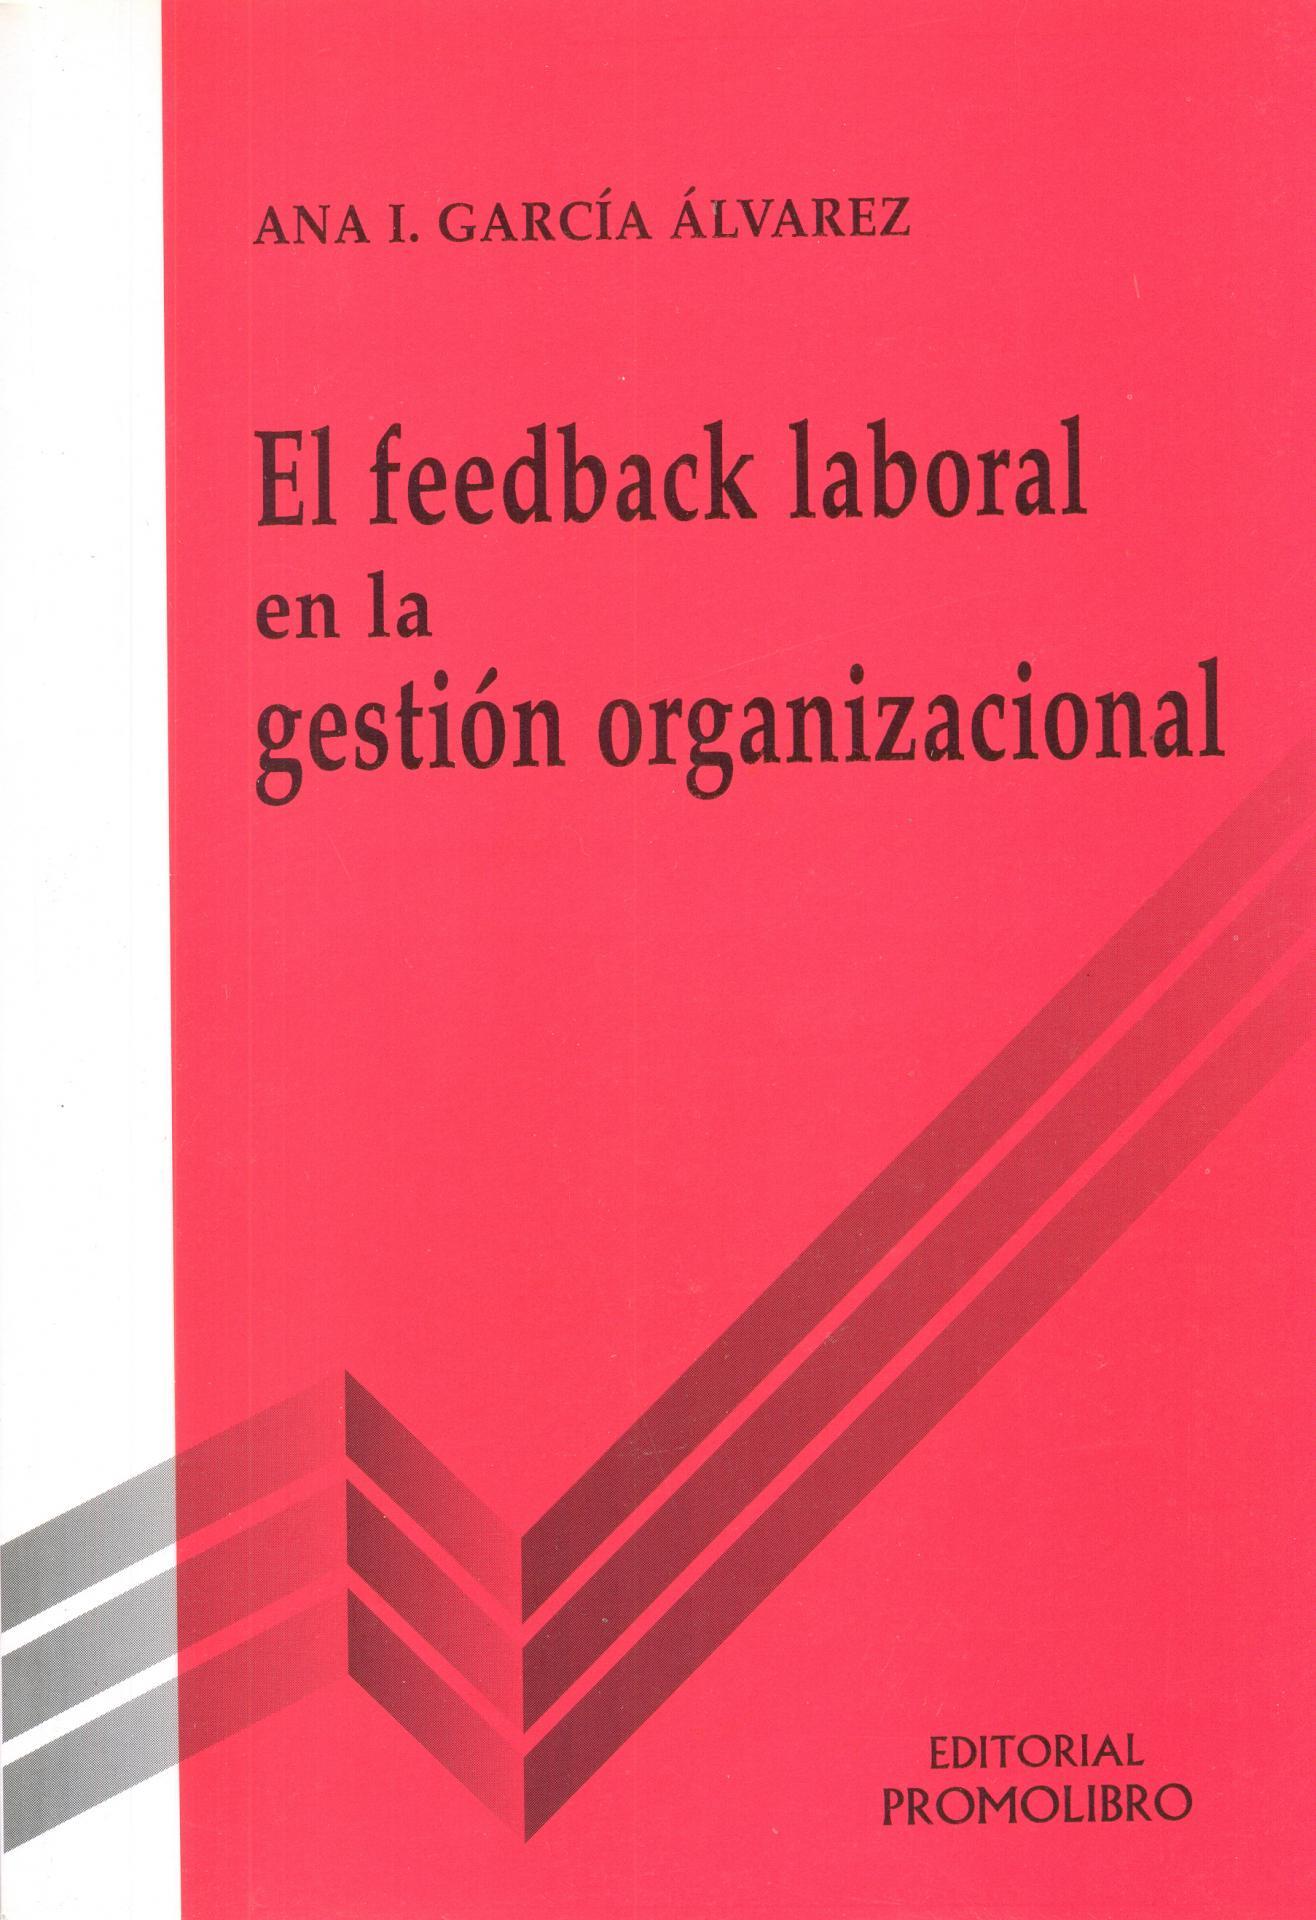 EL FEEDBACK LABORAL EN LA GESTIÓN ORGANIZACIONAL